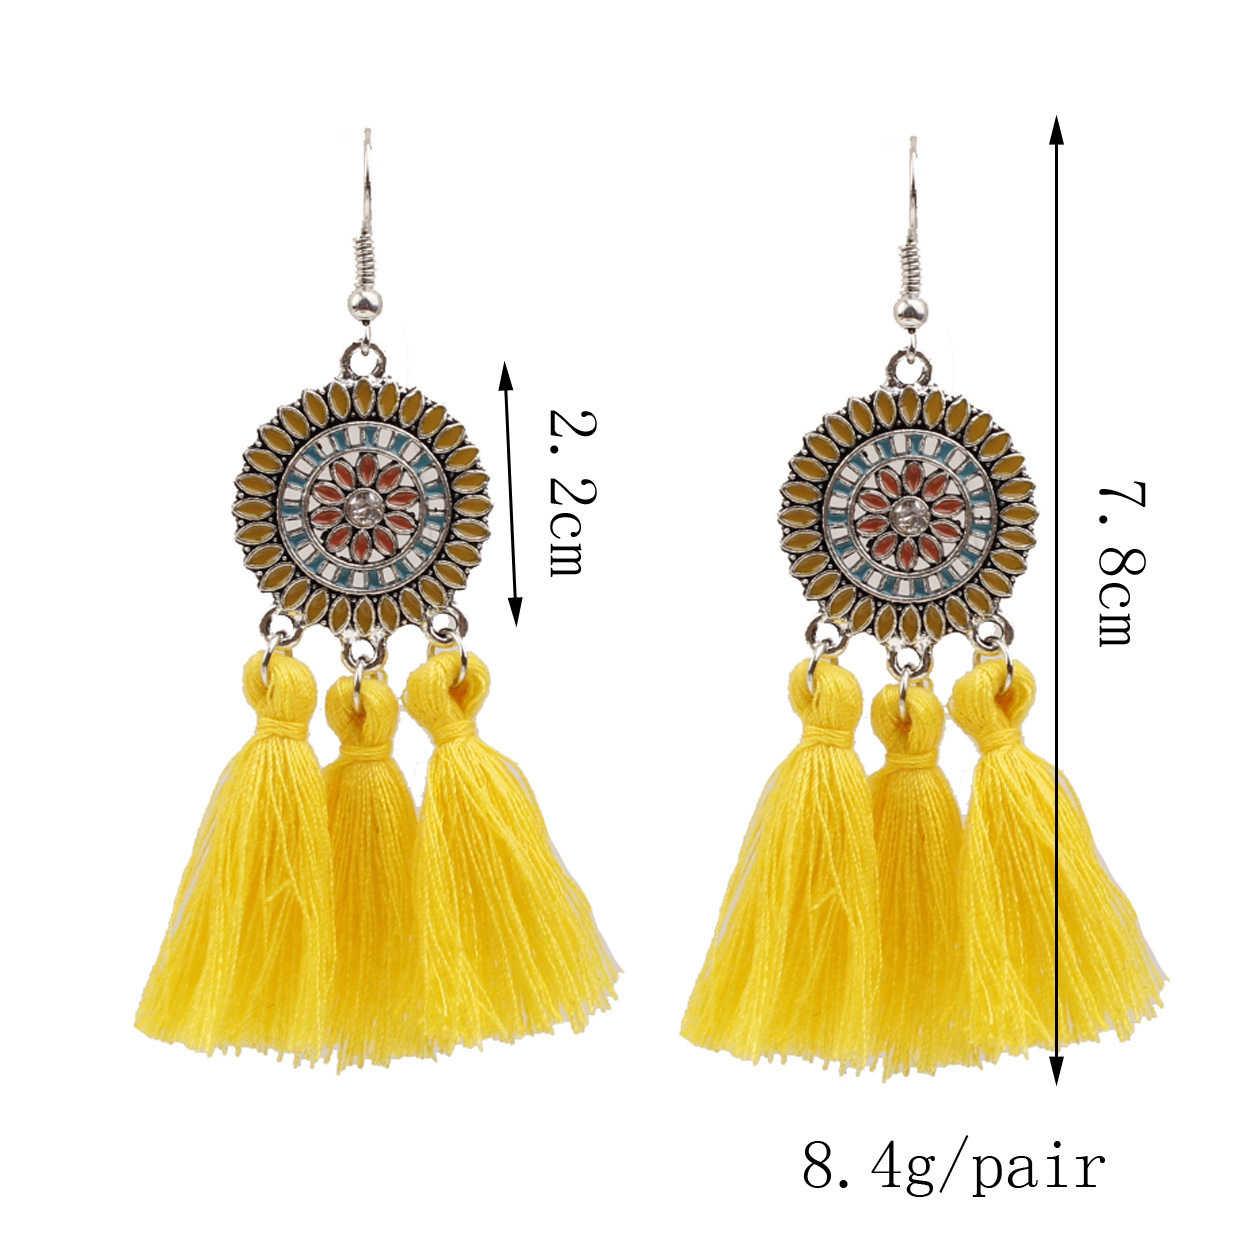 ใหม่ขนาดใหญ่ยาวพู่สีเหลืองต่างหูผู้หญิงงบดอกไม้ Fringe ต่างหู Retro Boho Drop Dangle ต่างหูเครื่องประดับ